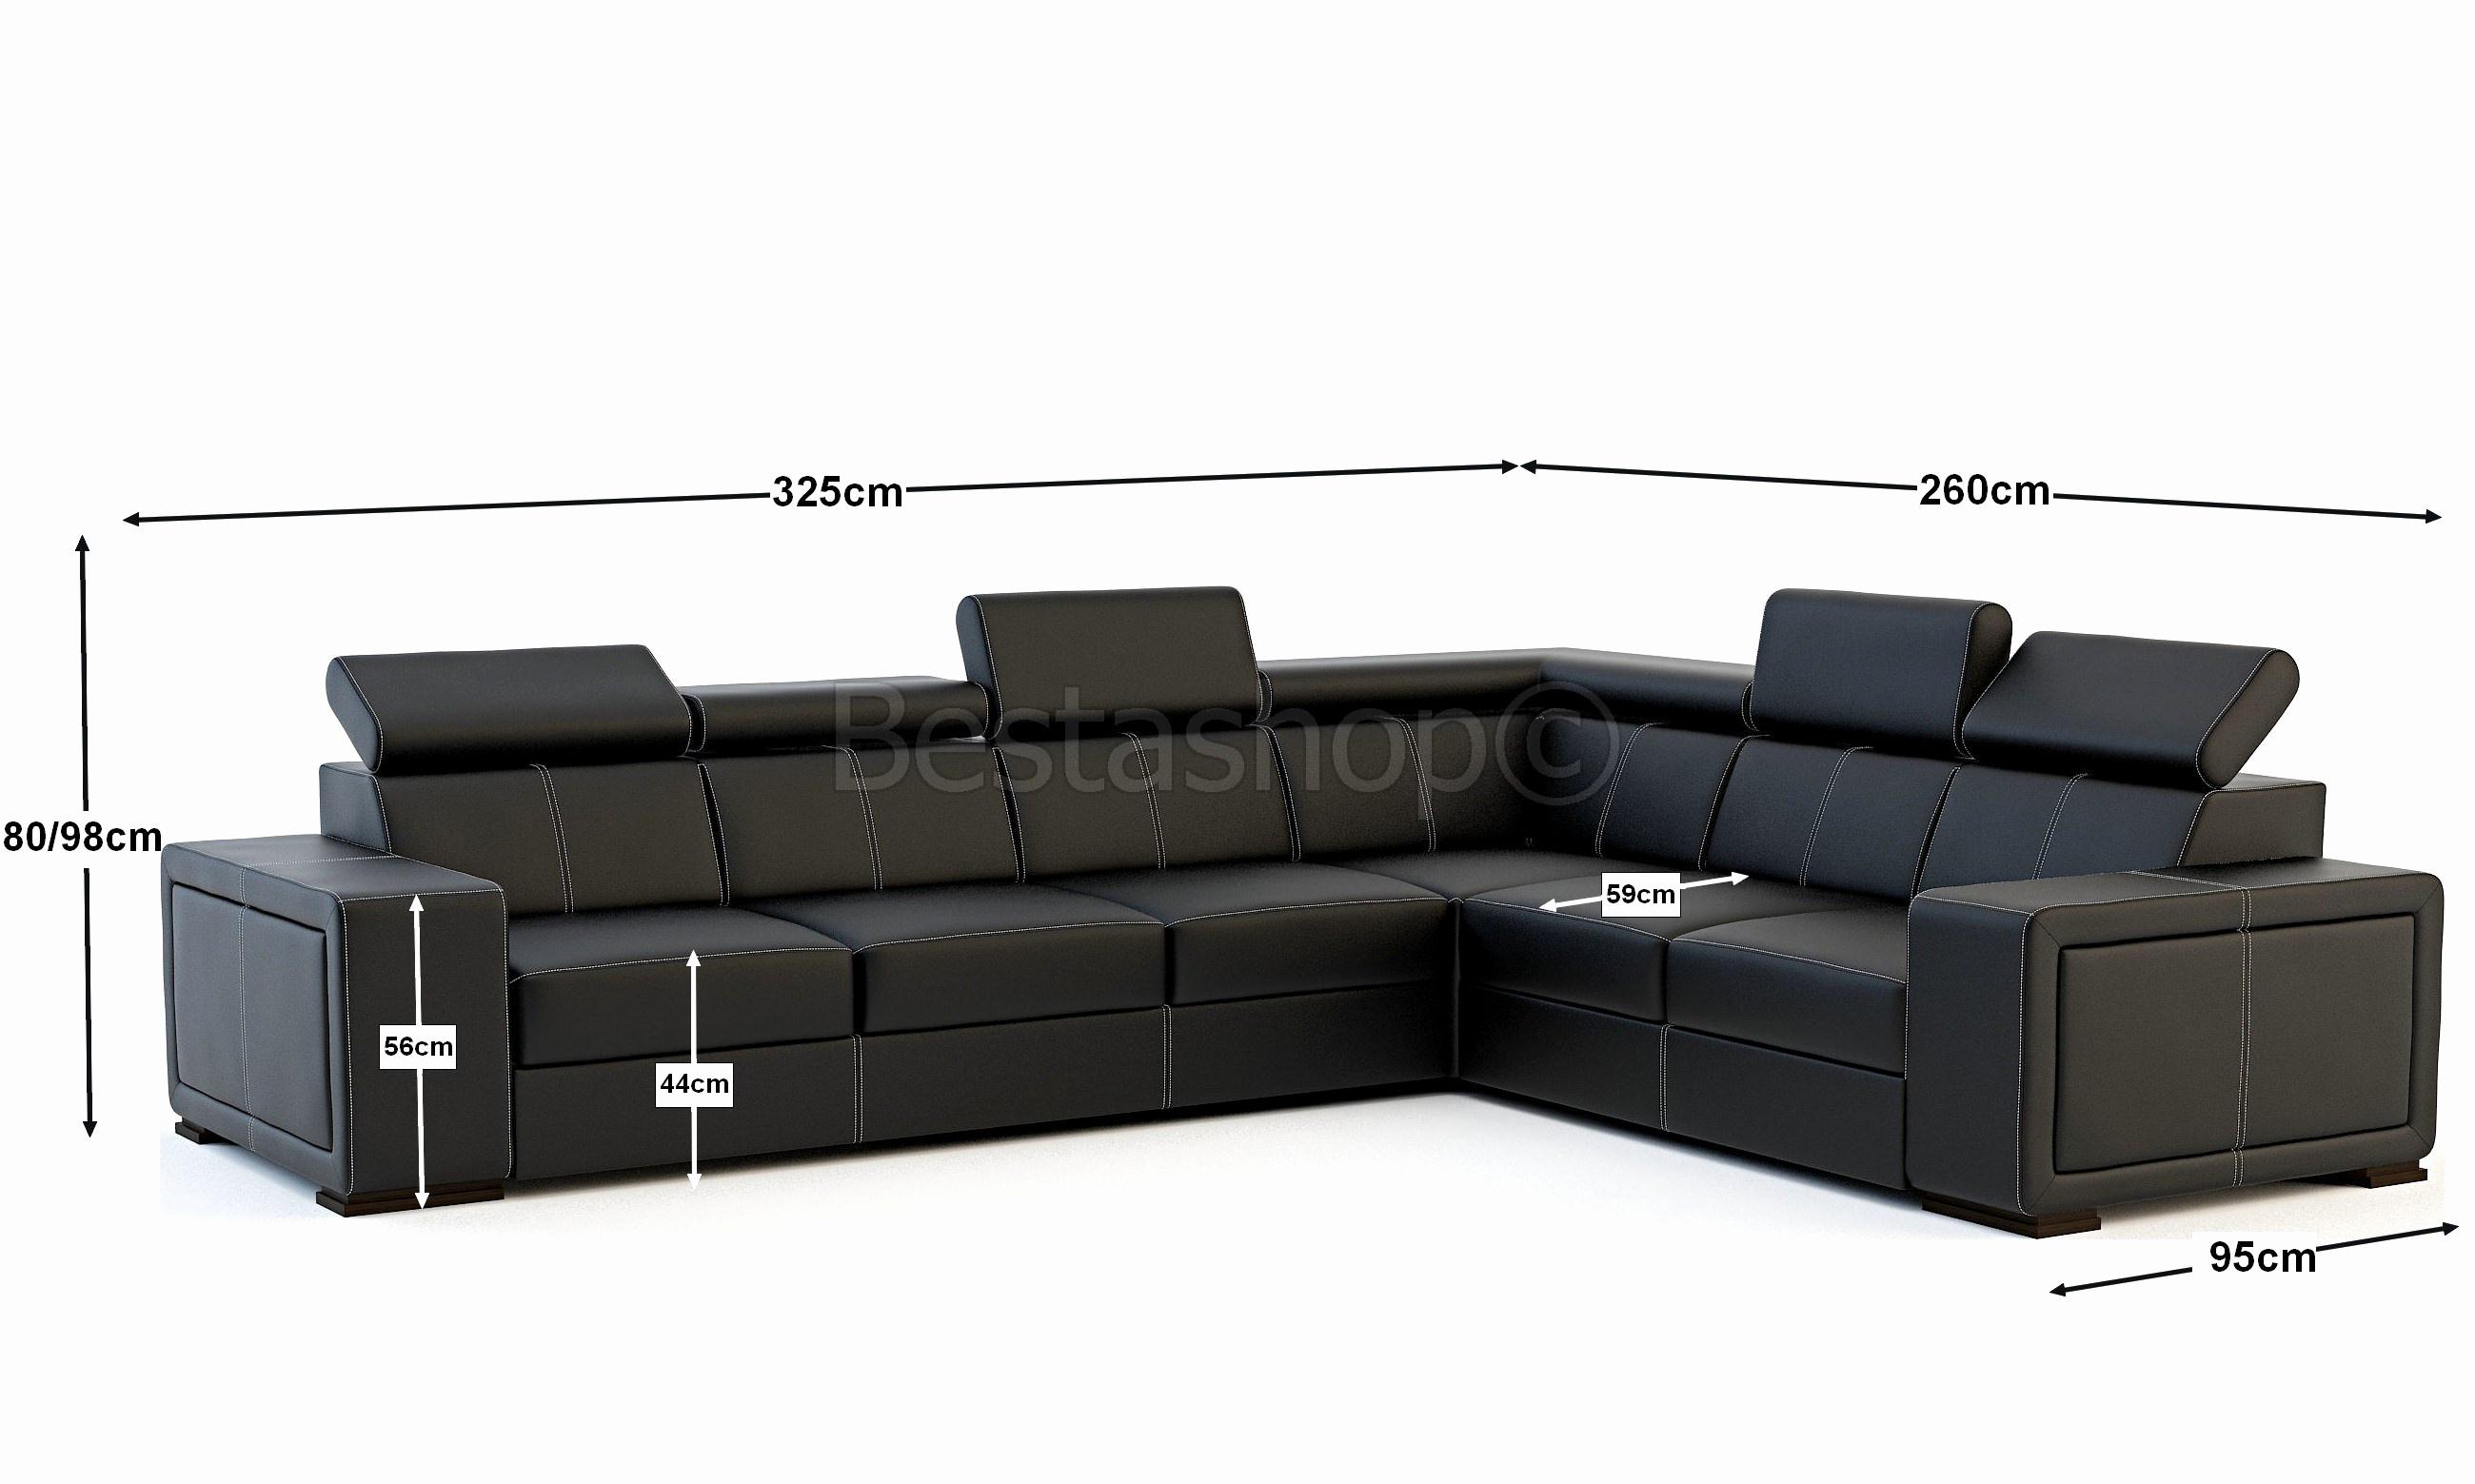 Nouveau Canapé D Angle Dimension - Luckytroll encequiconcerne Canape Deux Angles